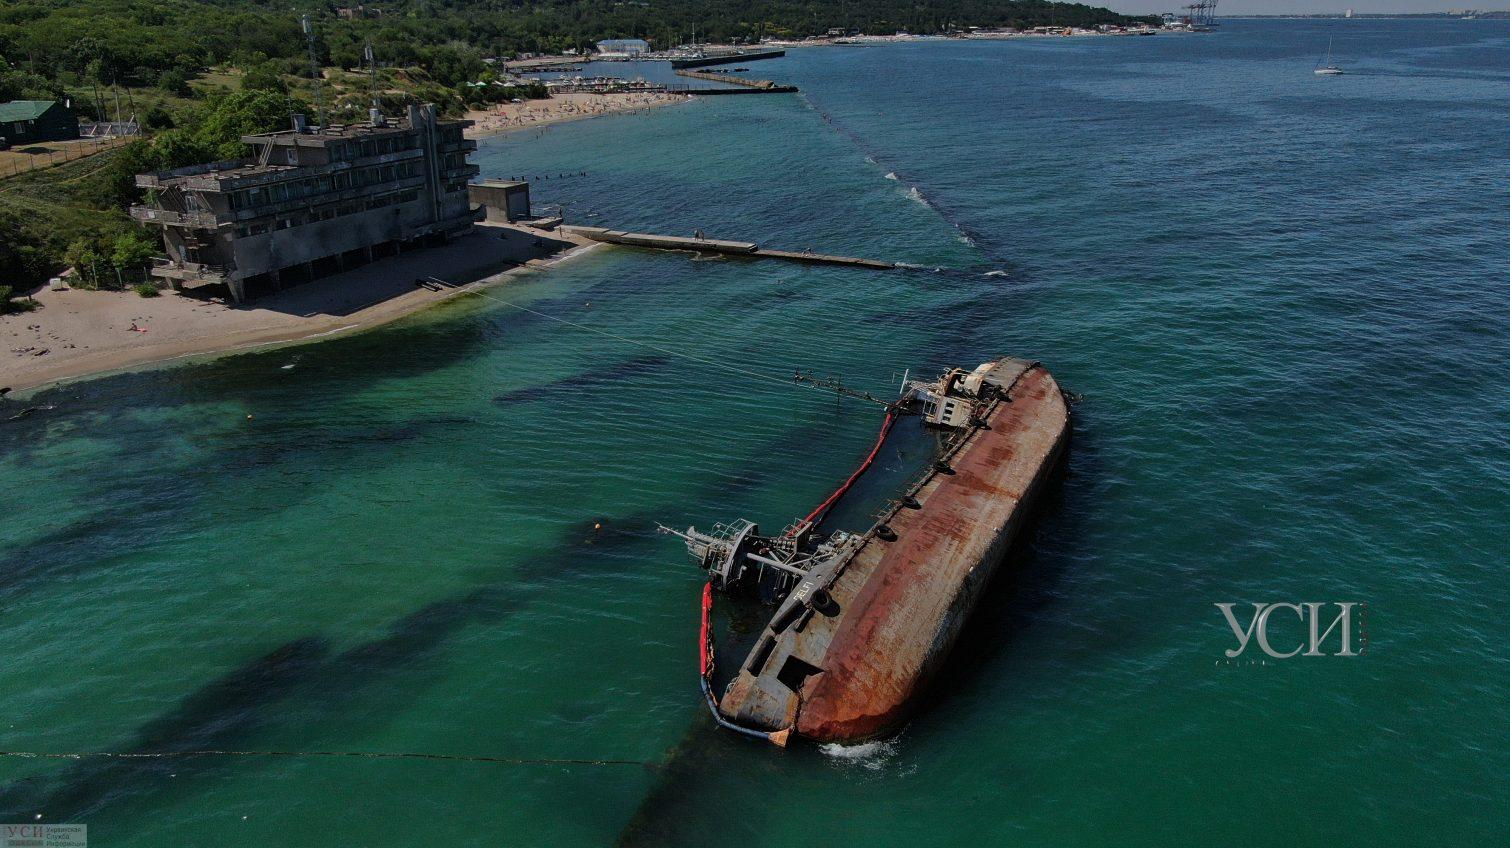 Затонувший Delfi обещают поднять к 20 июля: риск разлома не исключен, а его дальнейшая судьба неизвестна «фото»